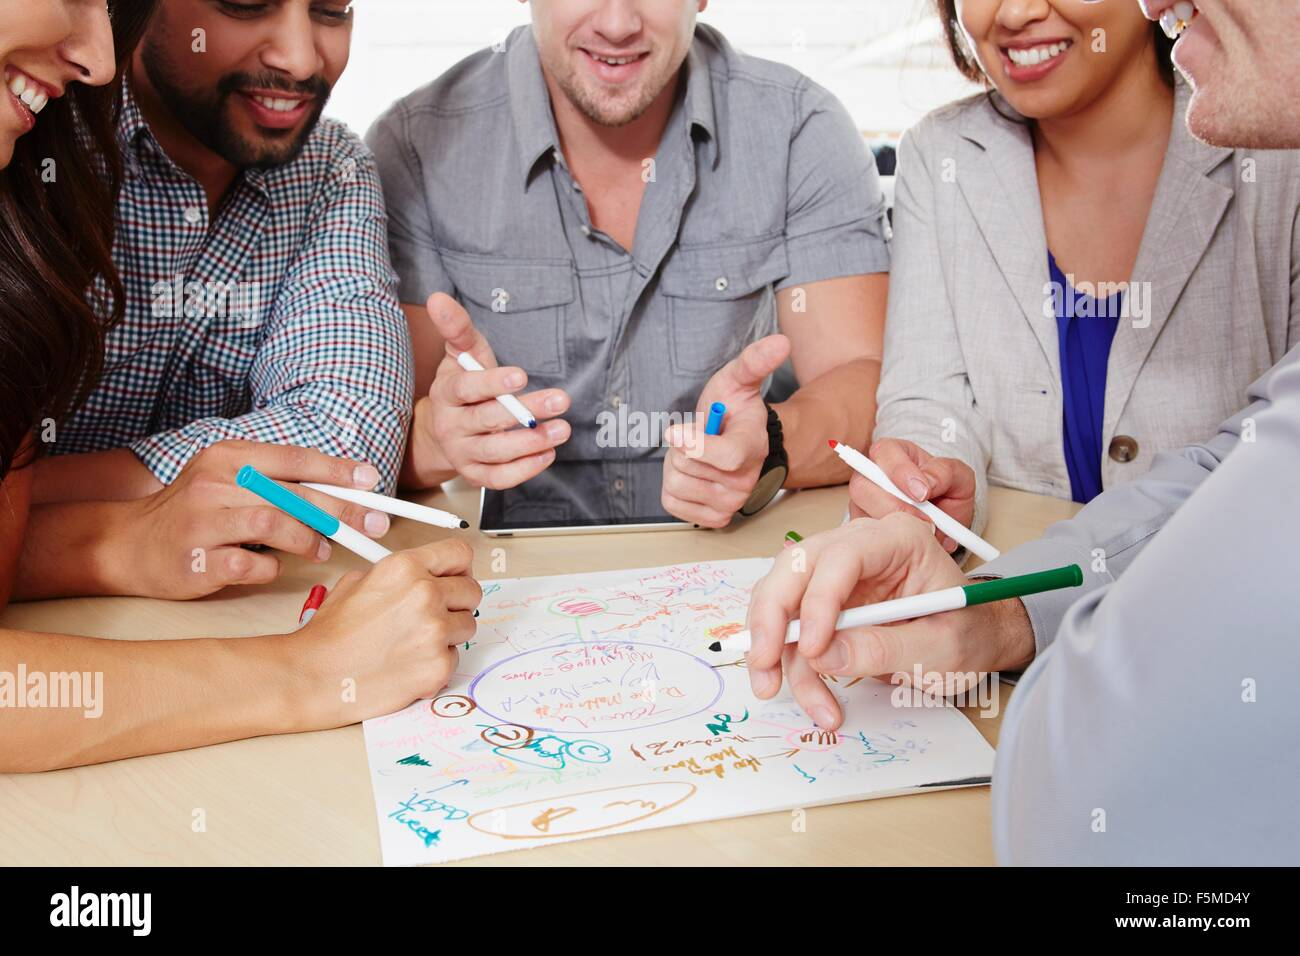 Petit groupe de personnes ayant une réunion d'affaires de brainstorming Photo Stock